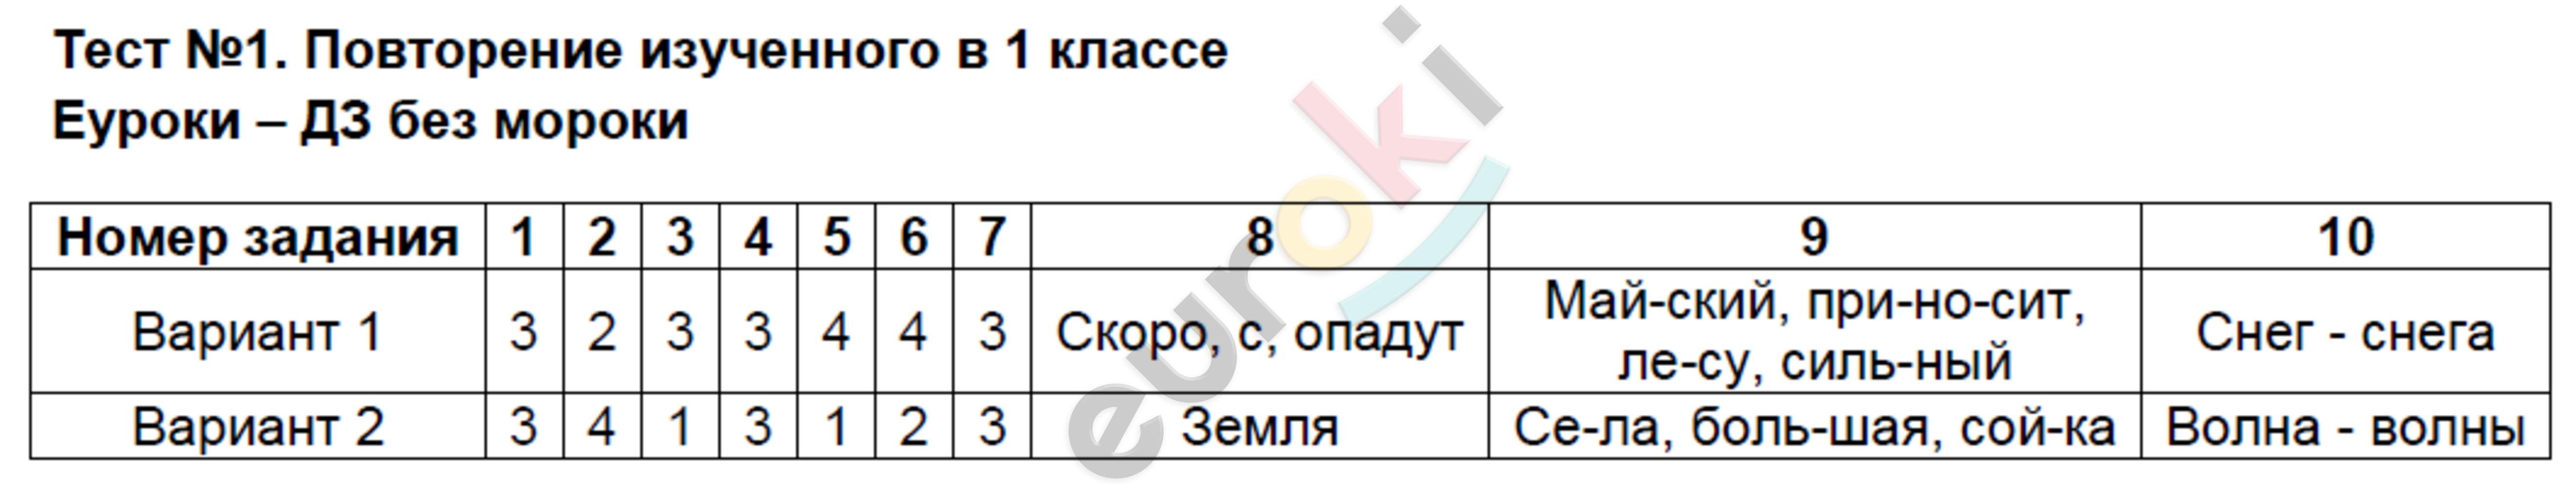 ГДЗ по русскому языку 2 класс контрольно-измерительные материалы Яценко. Задание: Тест 1. Повторение изученного в 1 классе